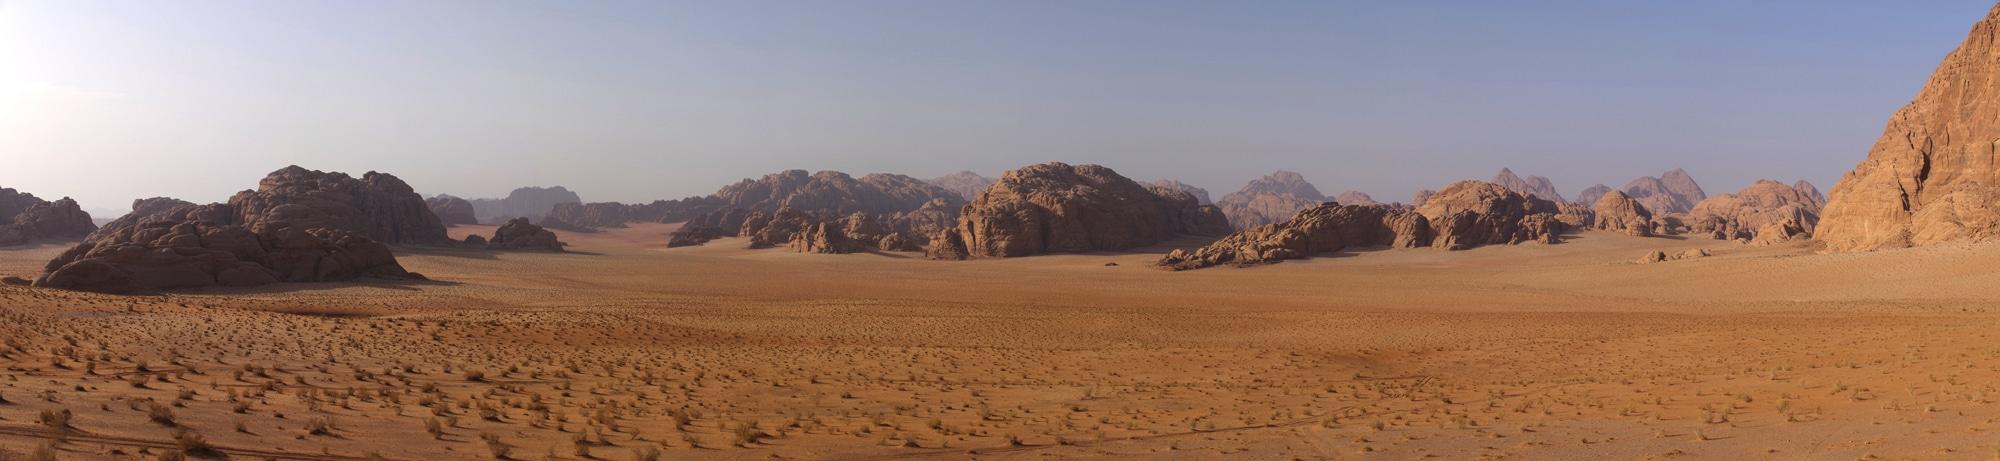 Le désert du Wadi Rum dans le sud de la Jordanie. Somptueux ...